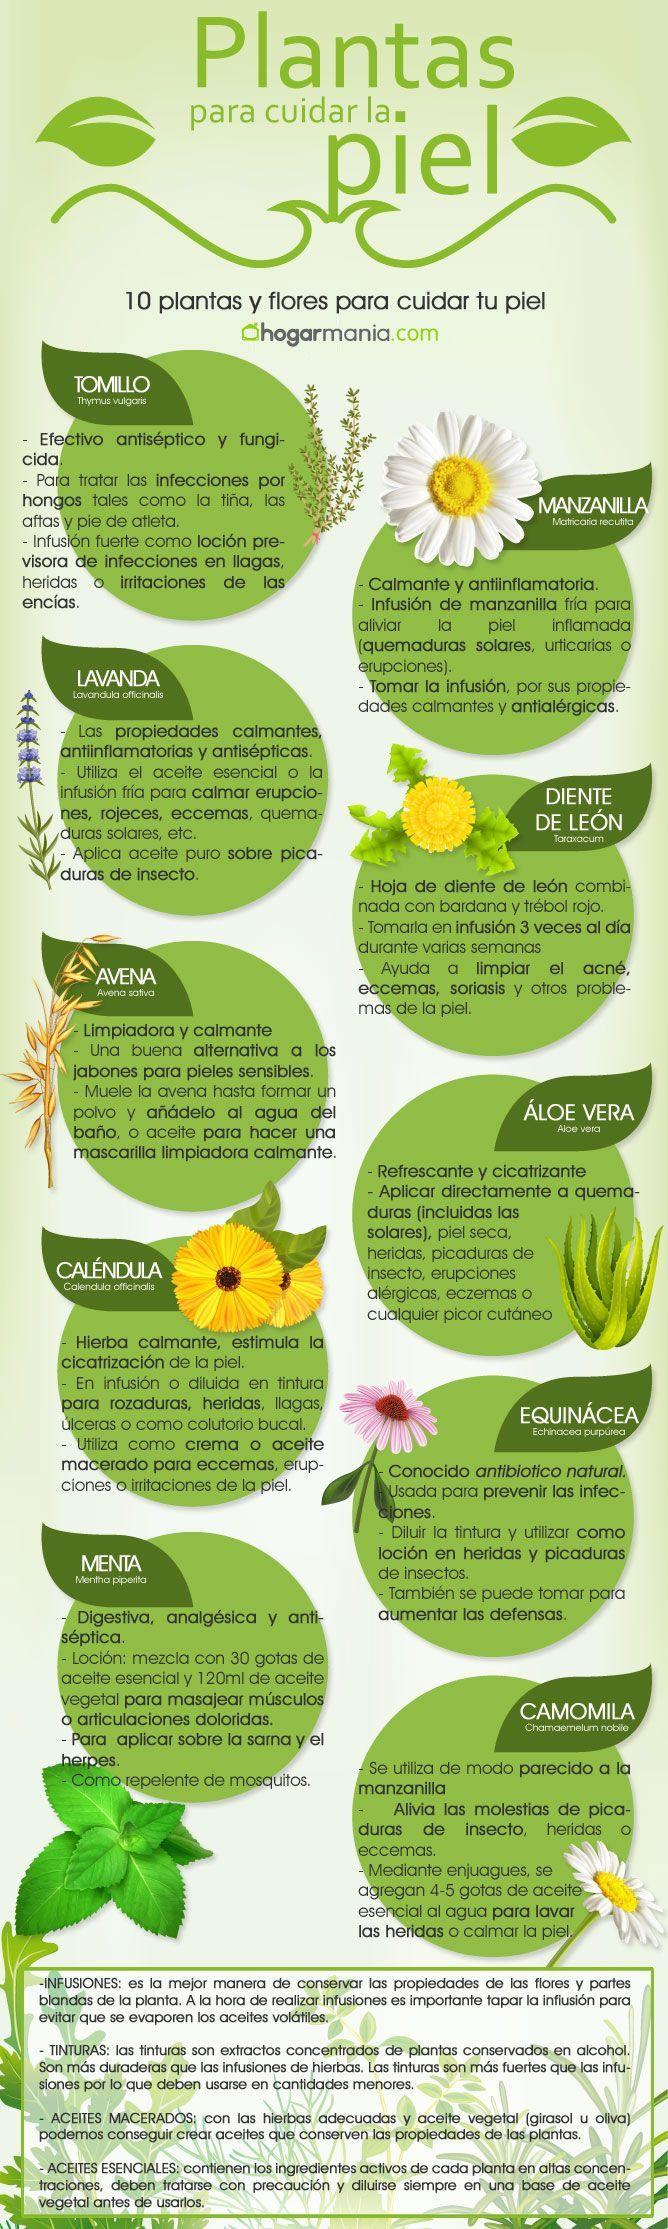 Os presentamos una infografía para, de un vistazo, conocer la 10 plantas y flores que ayudan a cuidar la piel, así como los remedios naturales para utilizarlas.